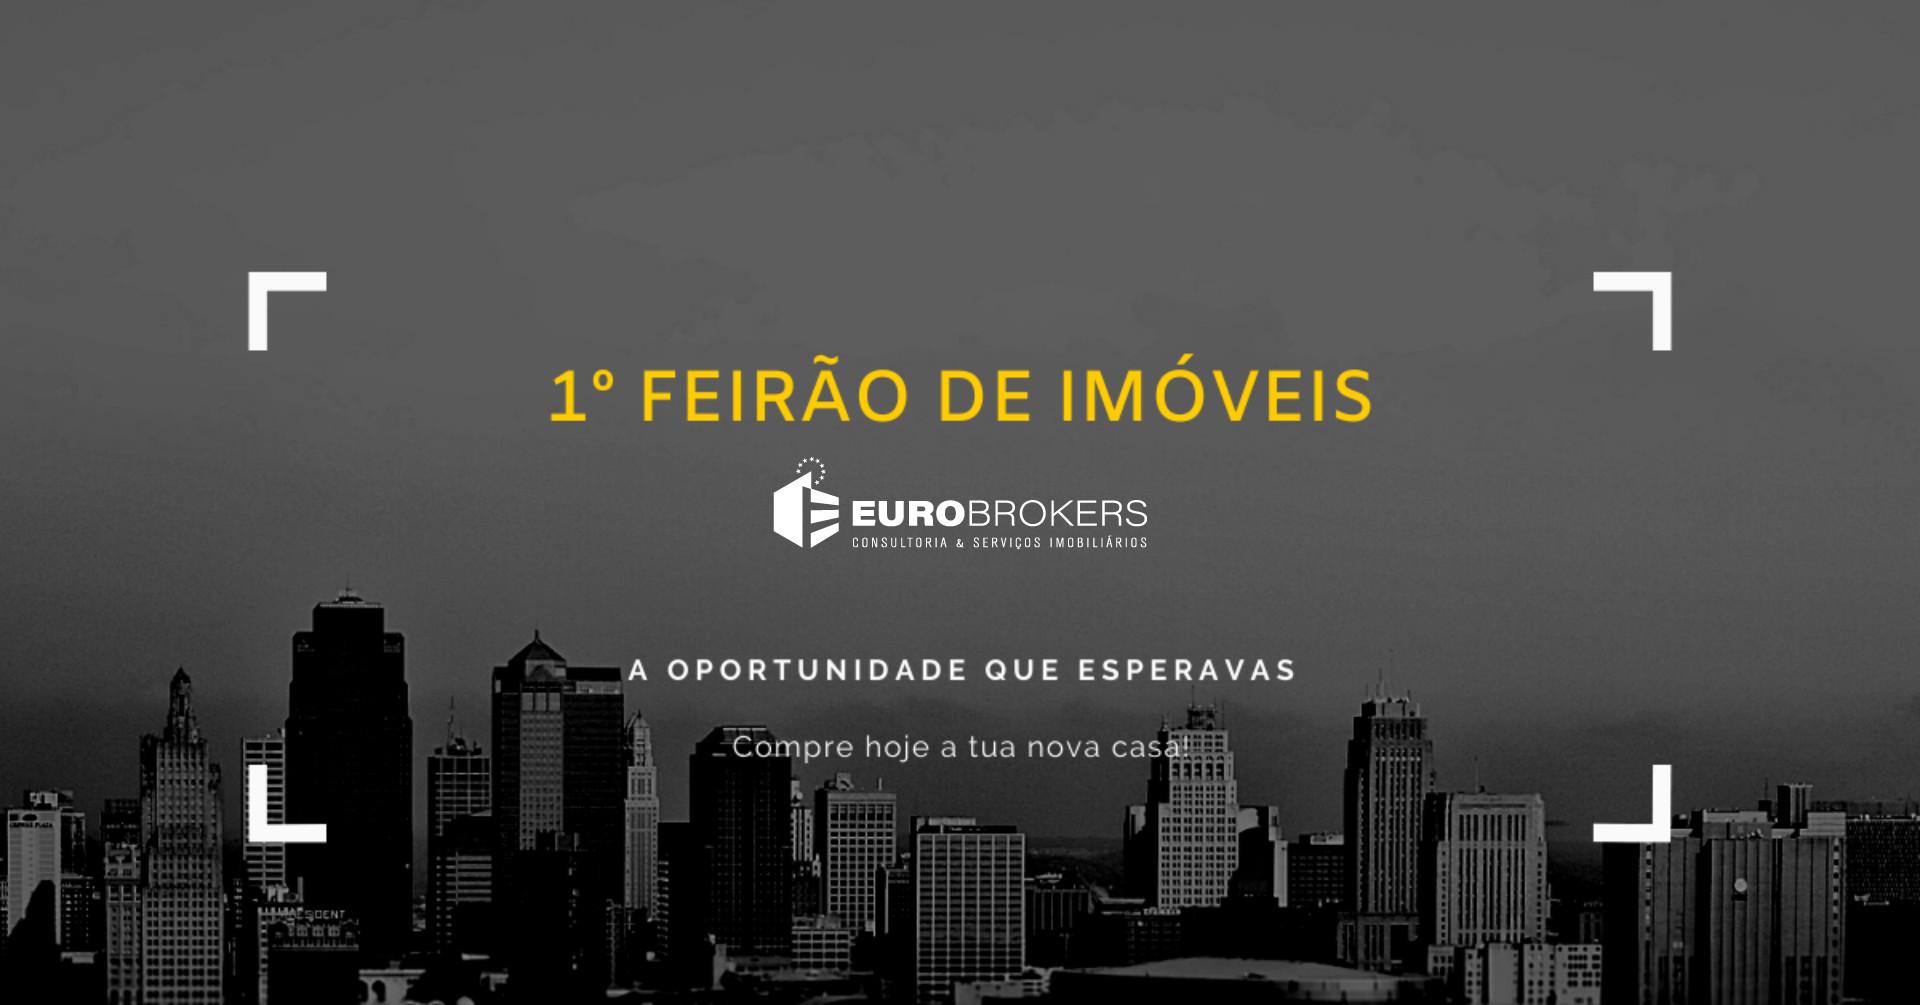 1º Feirão de Imóveis - EURO BROKERS